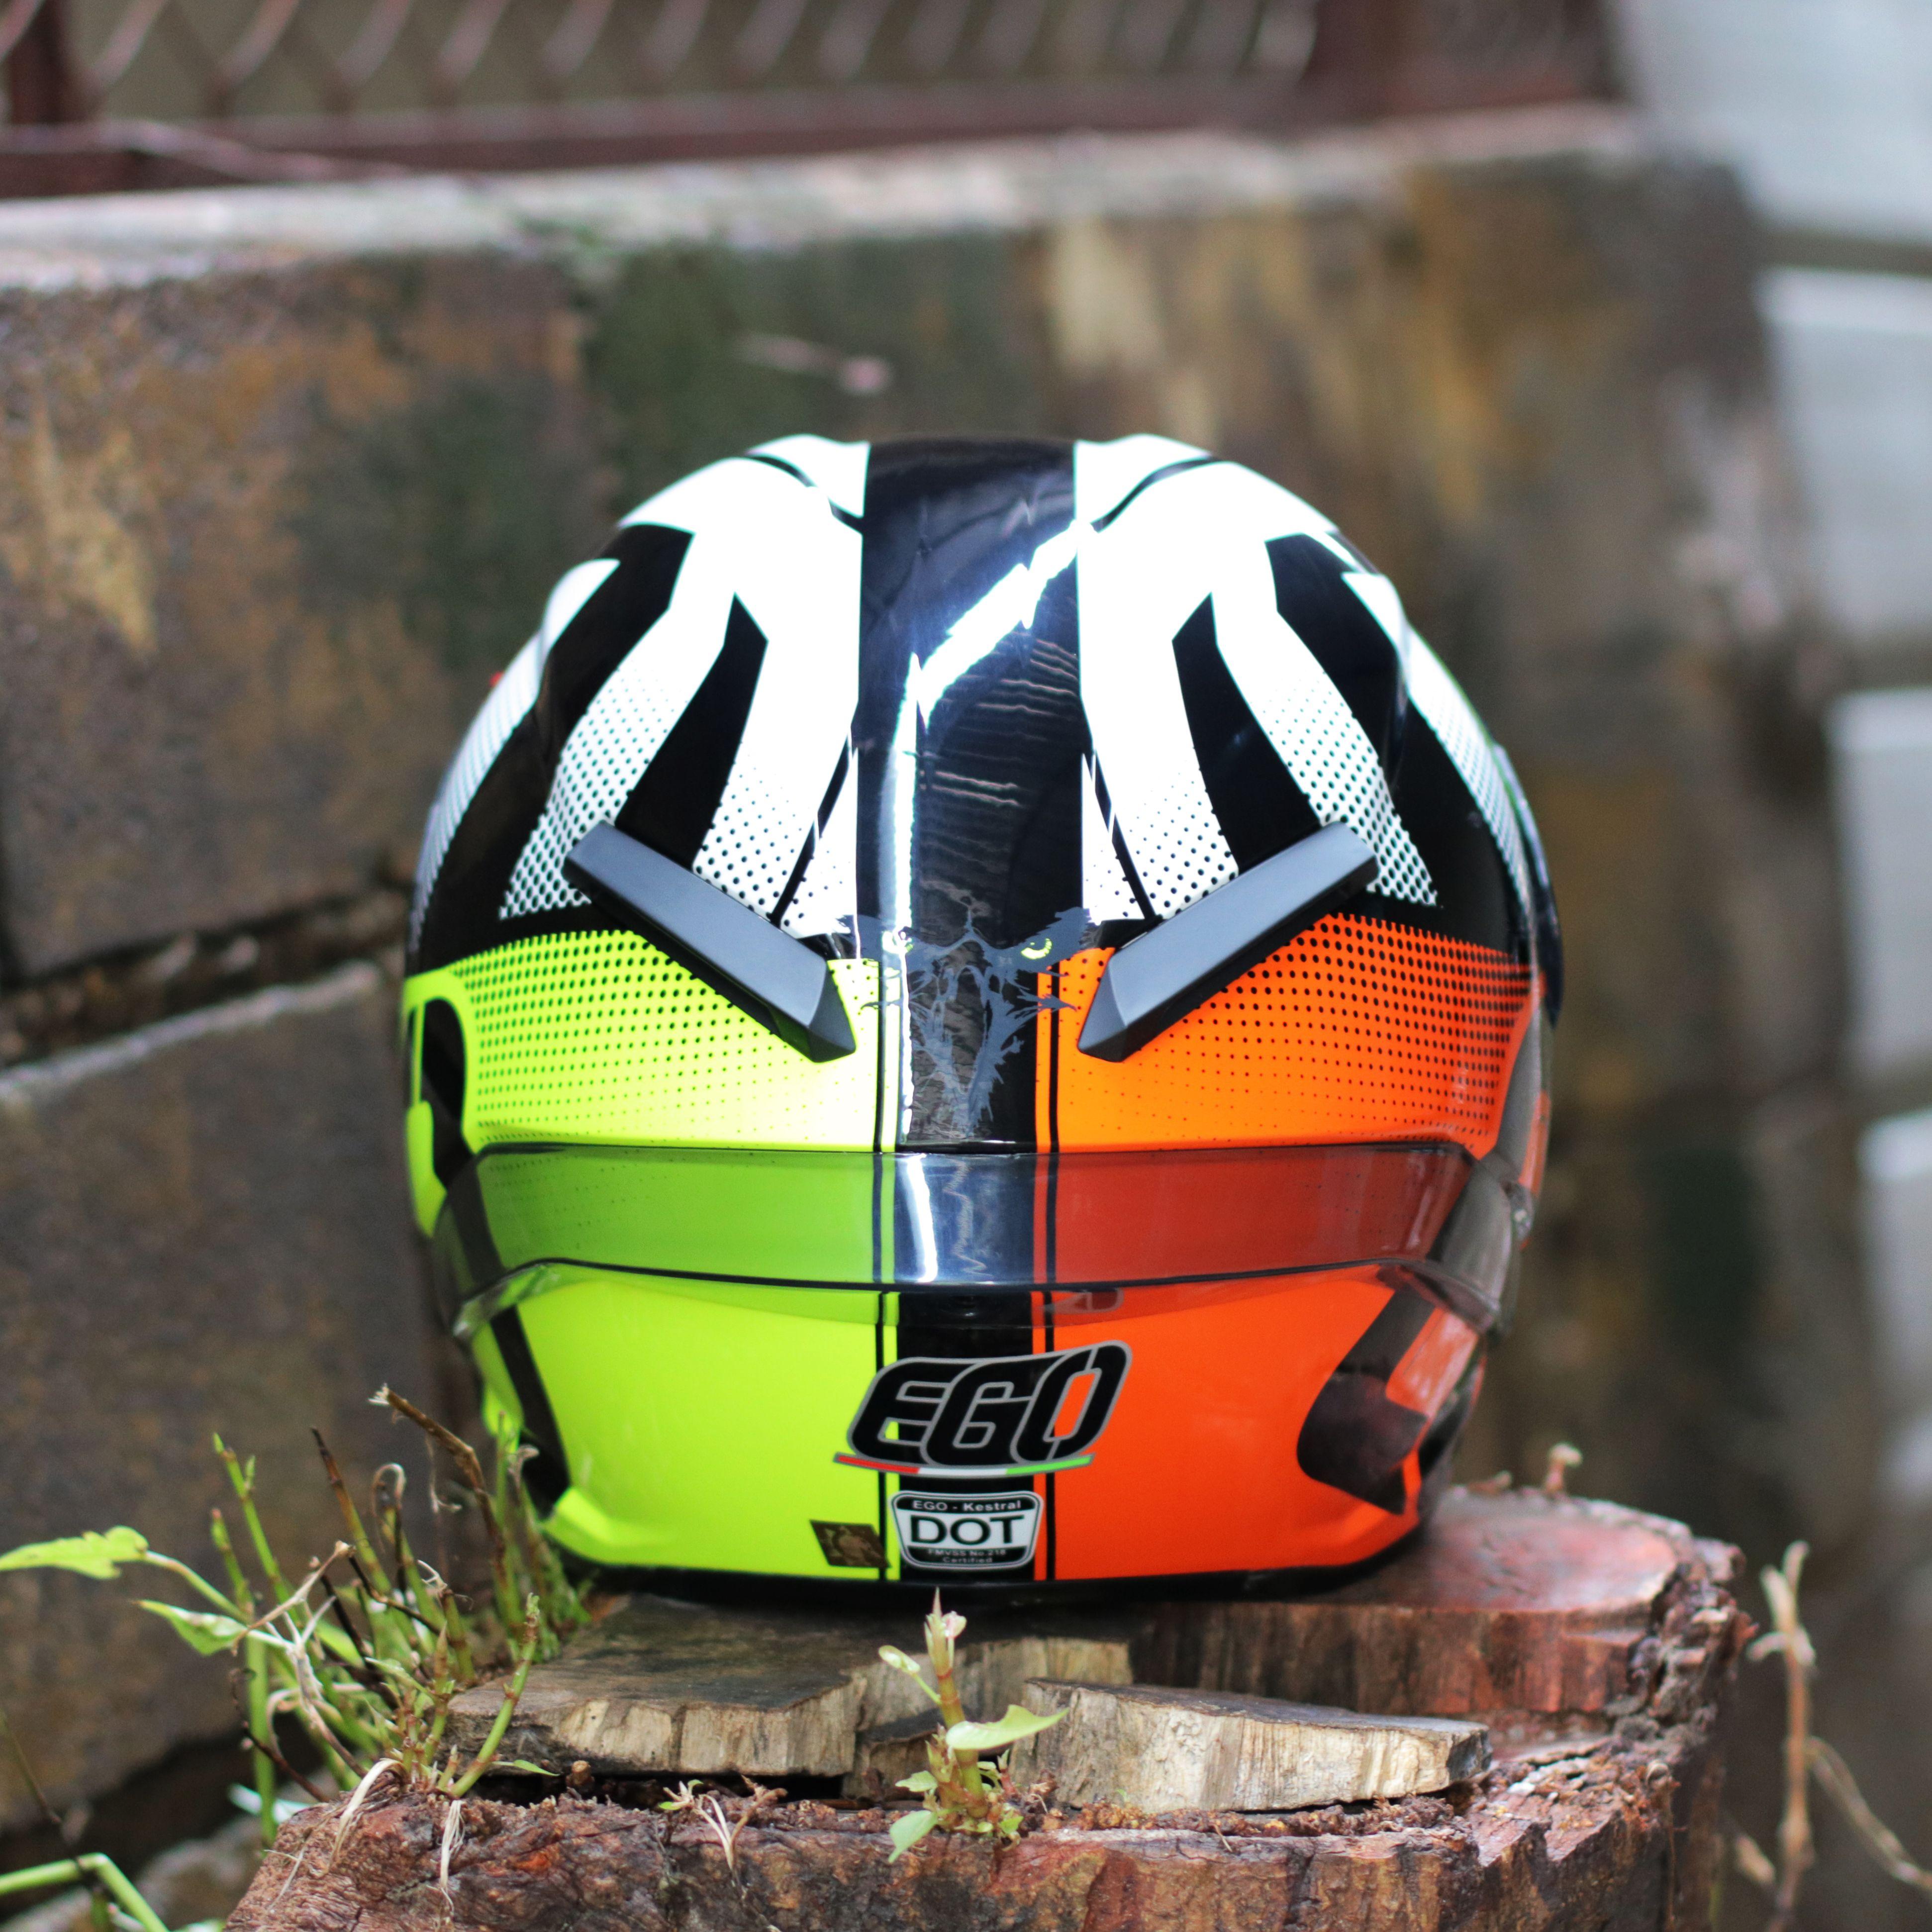 EGO HELMETS Helmet, Football helmets, Bicycle helmet